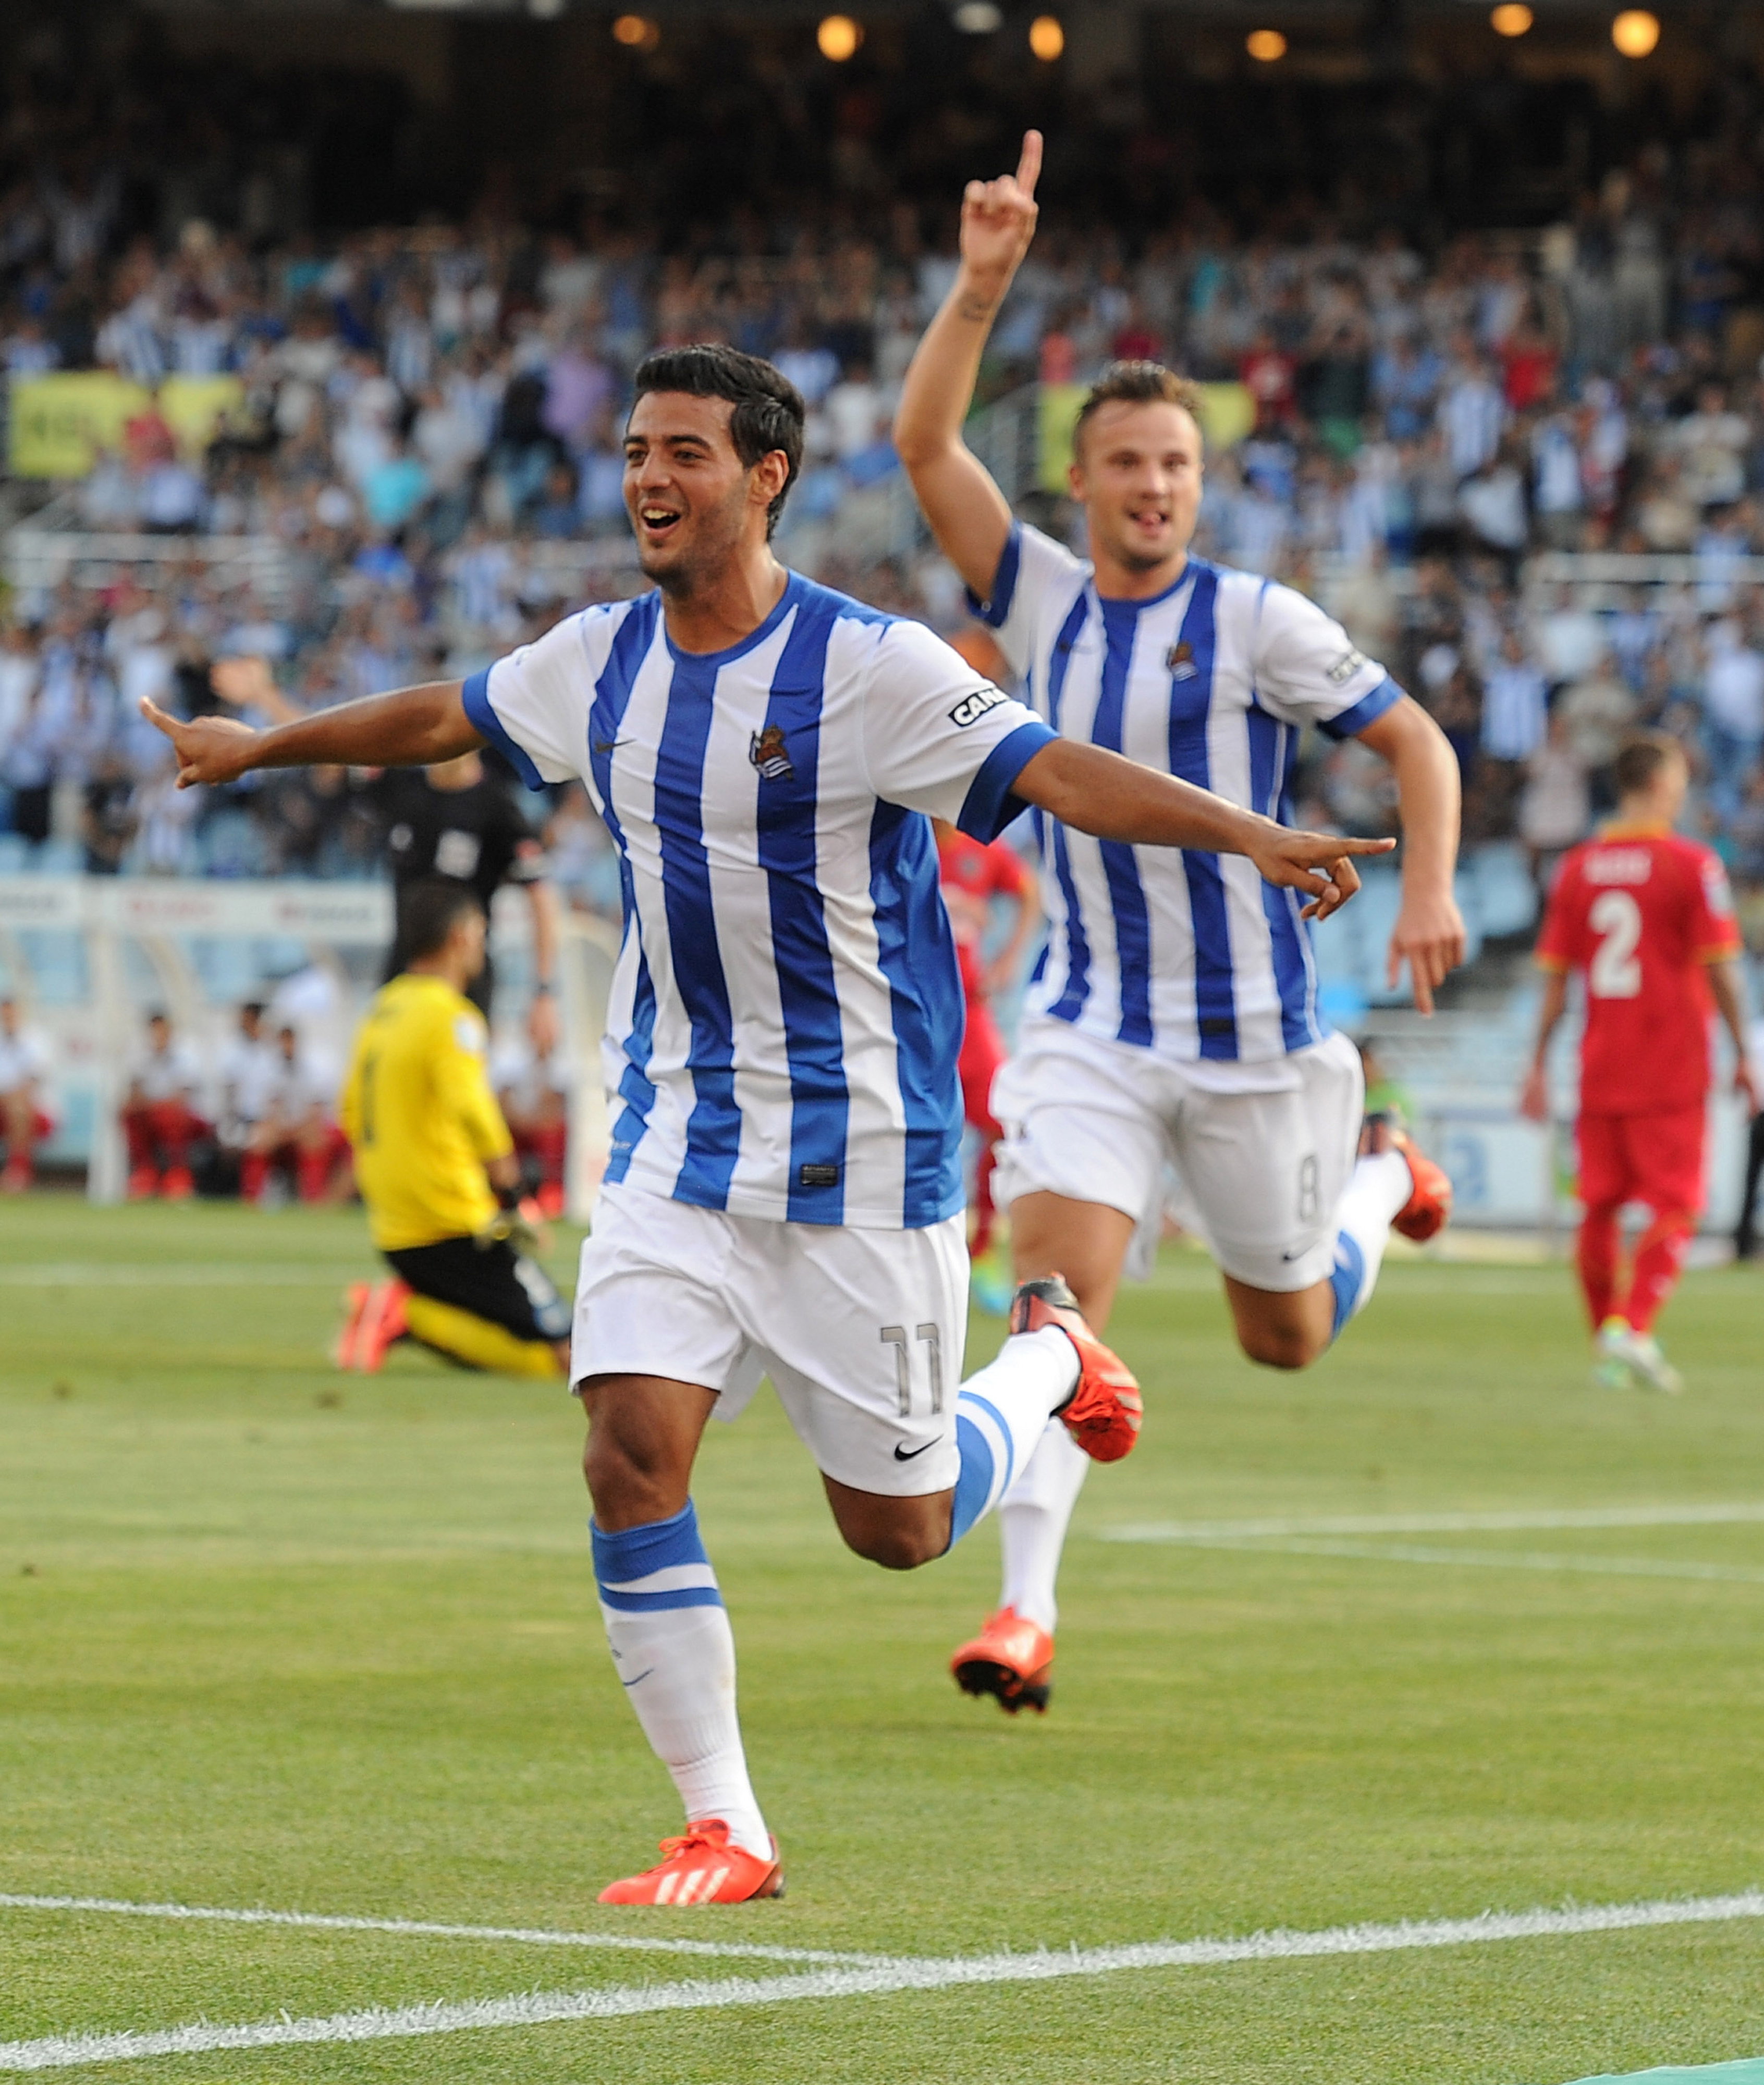 La Liga Saturday: La Real struggle to a draw against Elche, Espanyol and Villarreal win